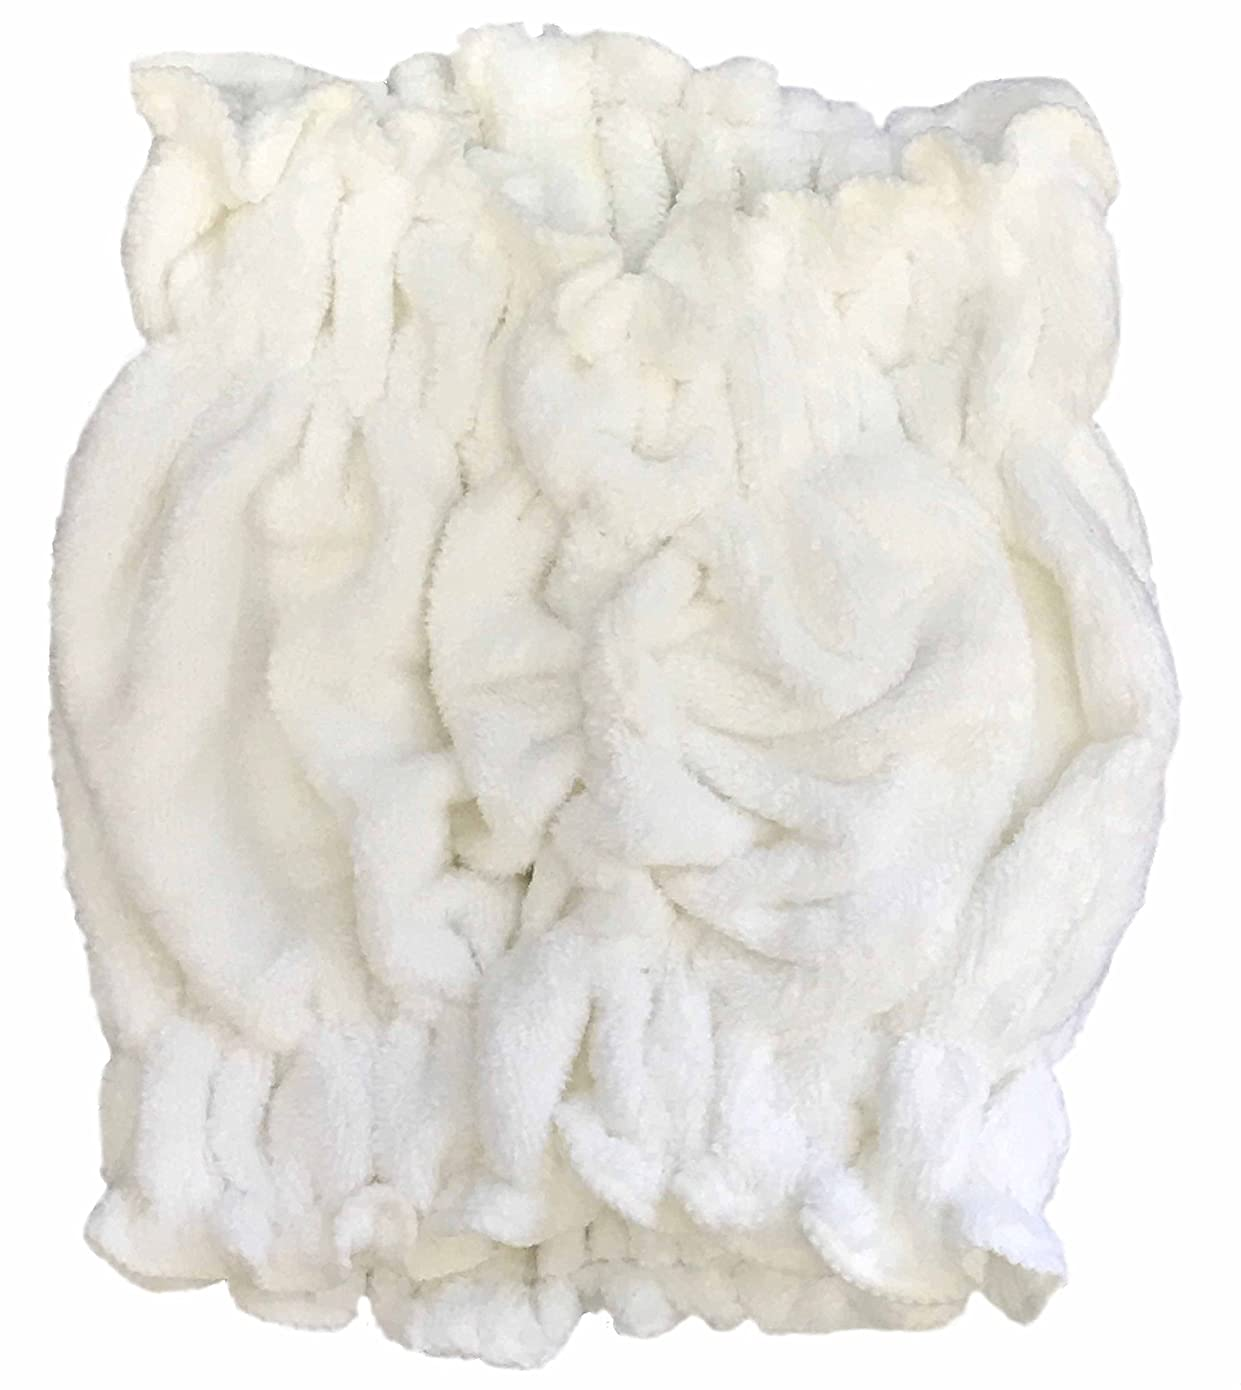 レール彼認知キヌガワカンパニー ヘアドライ ターバン タオル D?Rapide ホワイト 頭囲50~61cm (吸水 速乾 マイクロファイバー仕様) MK-4014